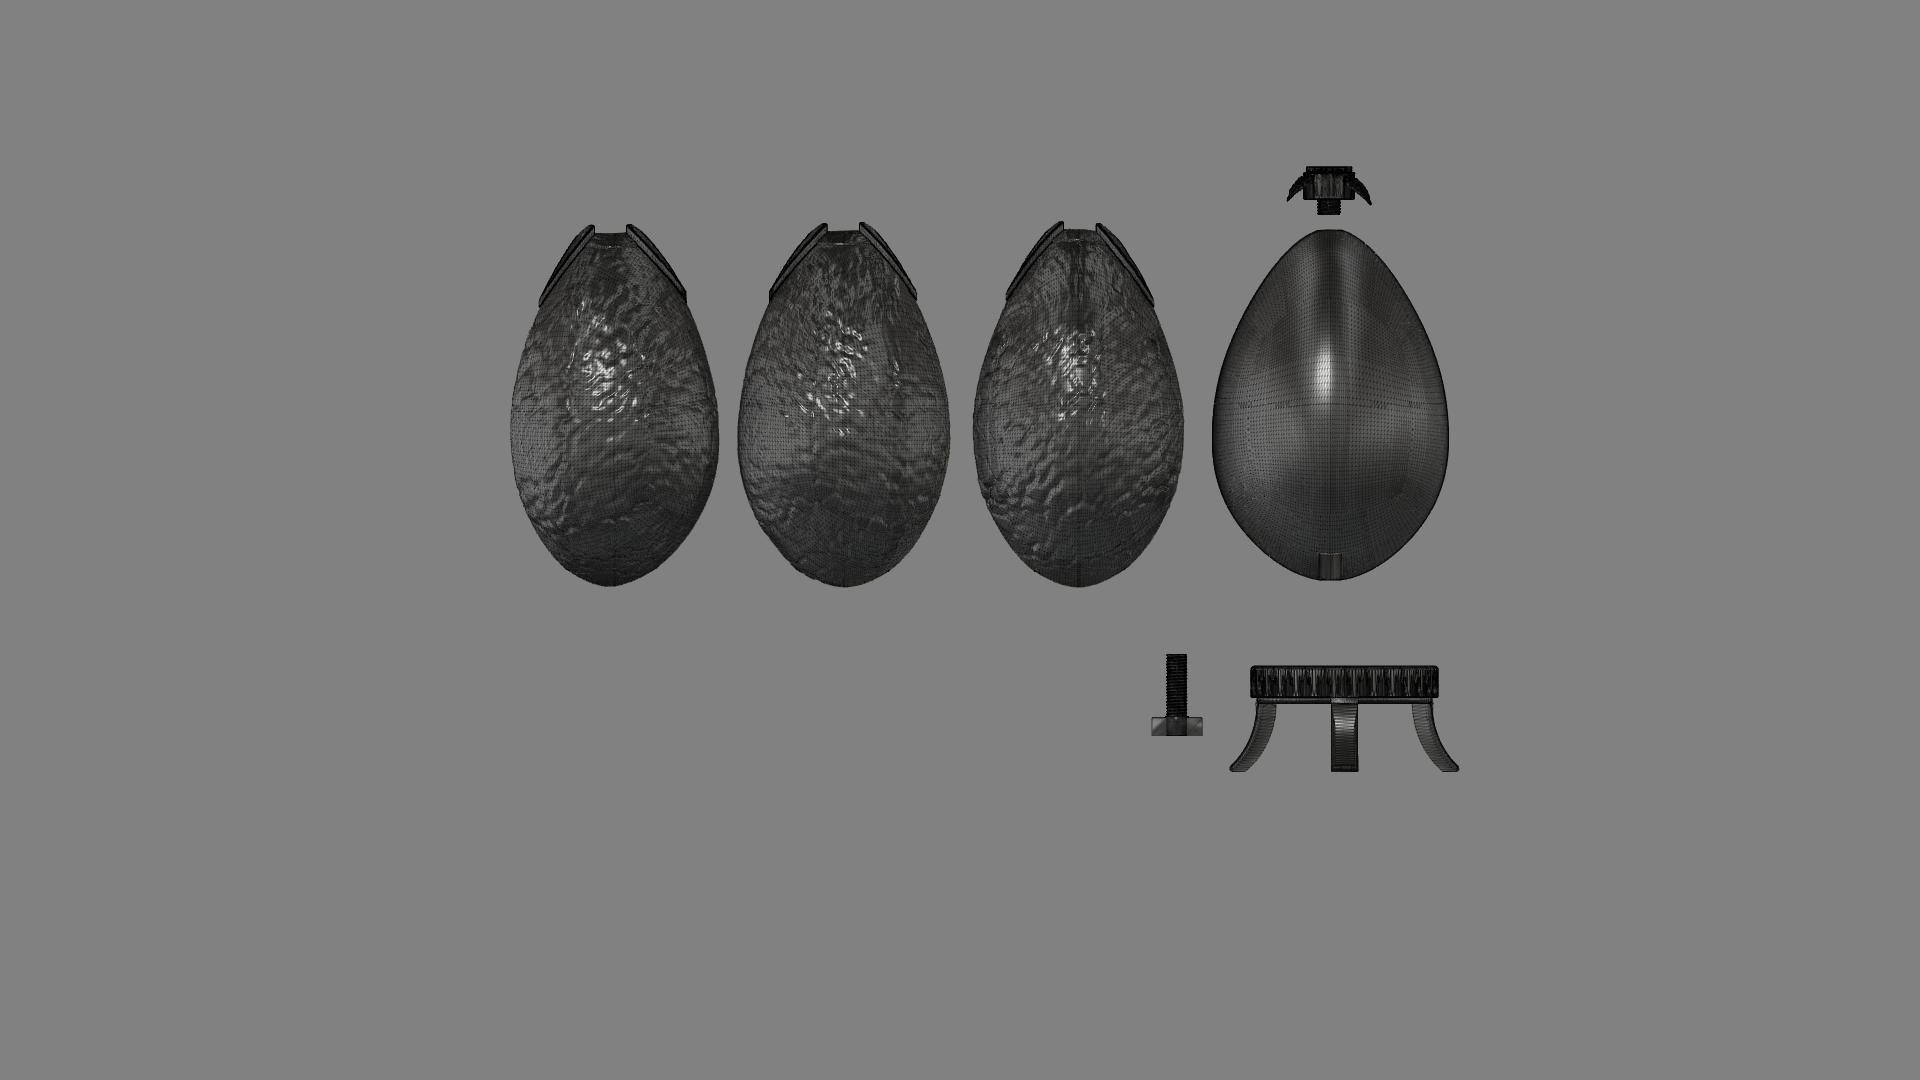 Harry Potter Egg (obj).png Télécharger fichier OBJ gratuit Modèle d'impression 3D de Harry Potter et la Coupe de feu (Oeuf) • Objet à imprimer en 3D, quaddalone